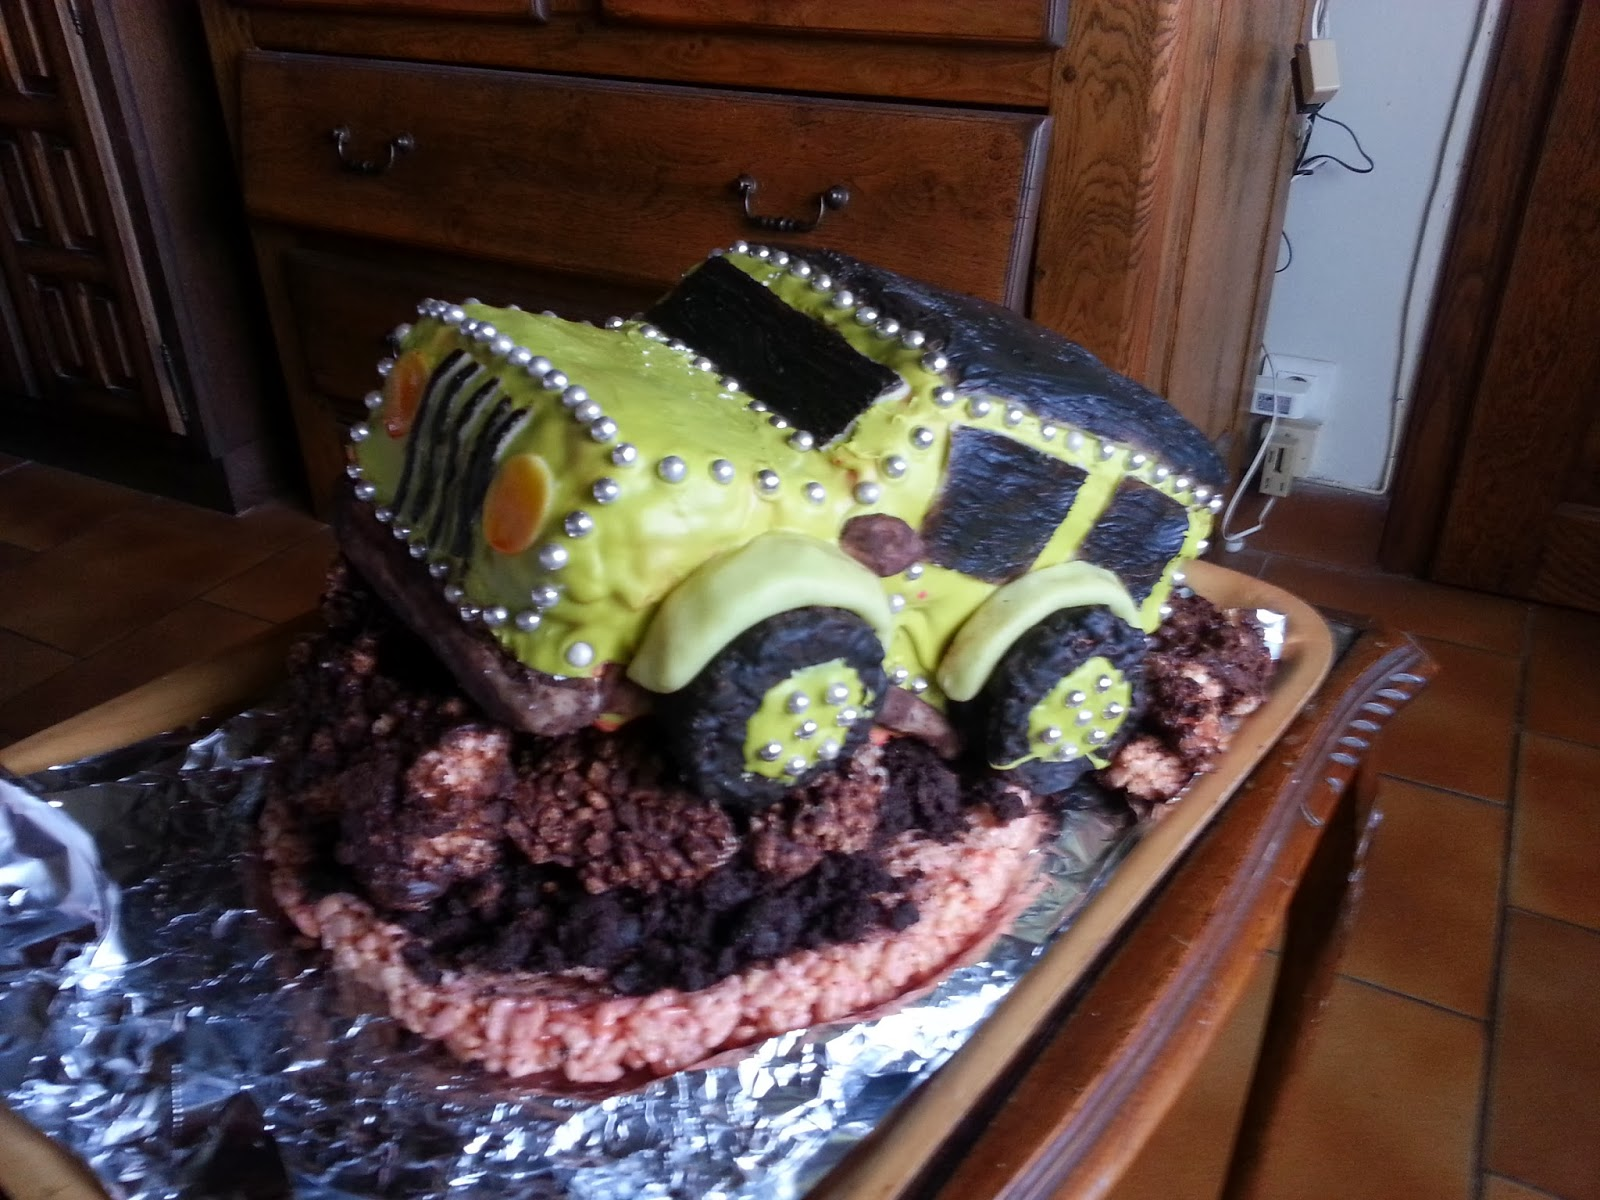 Jeep Birthday Cake Images : Quoi de 9 chez Bel: Geeky Jeep rainbow birthday cake!